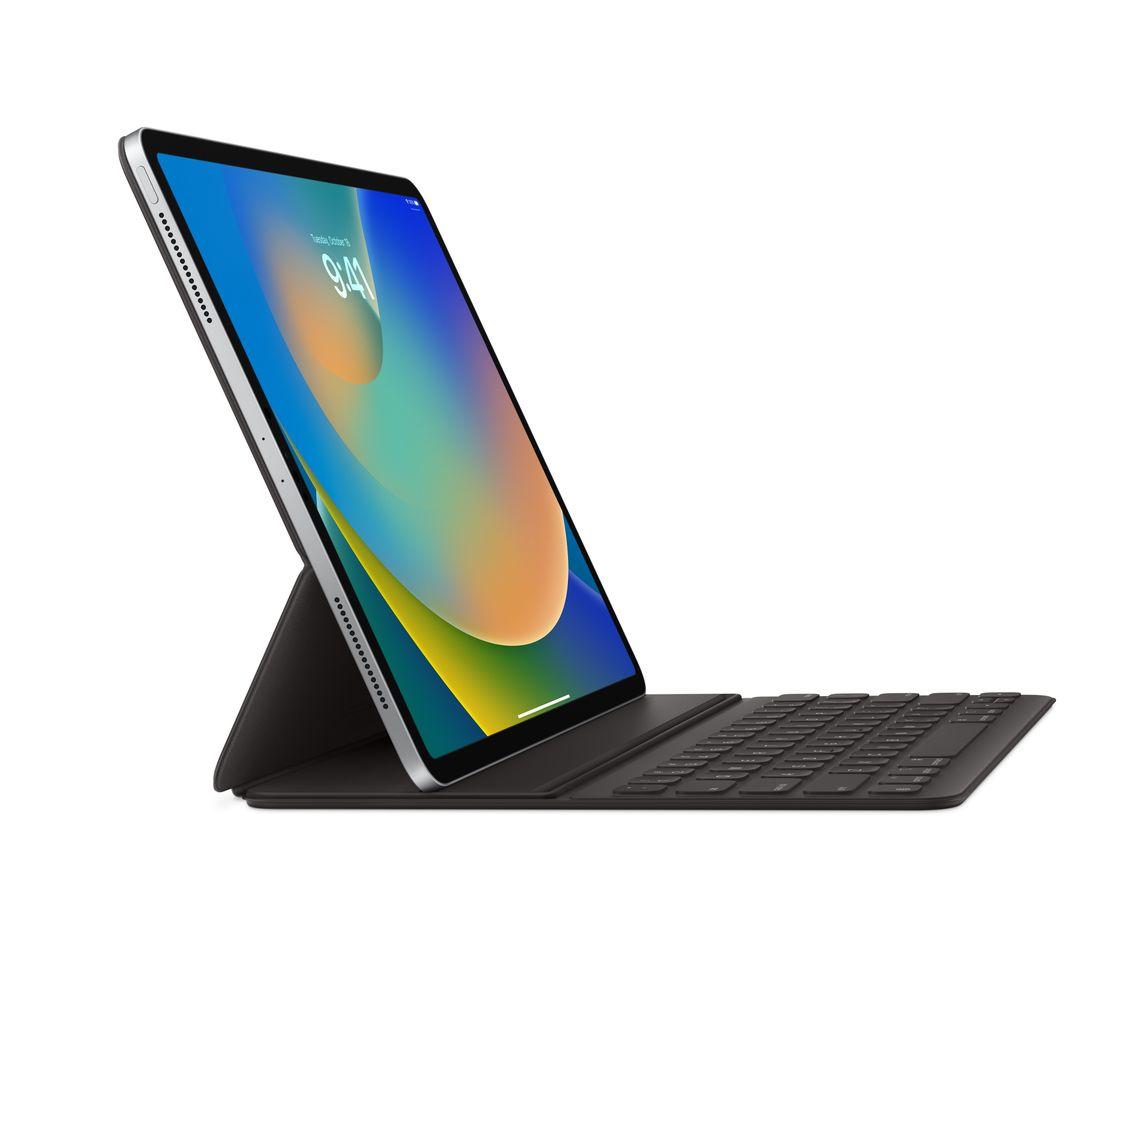 12,9 tommers iPad Pro (2. gen.) Tastatur iPad tilbehør